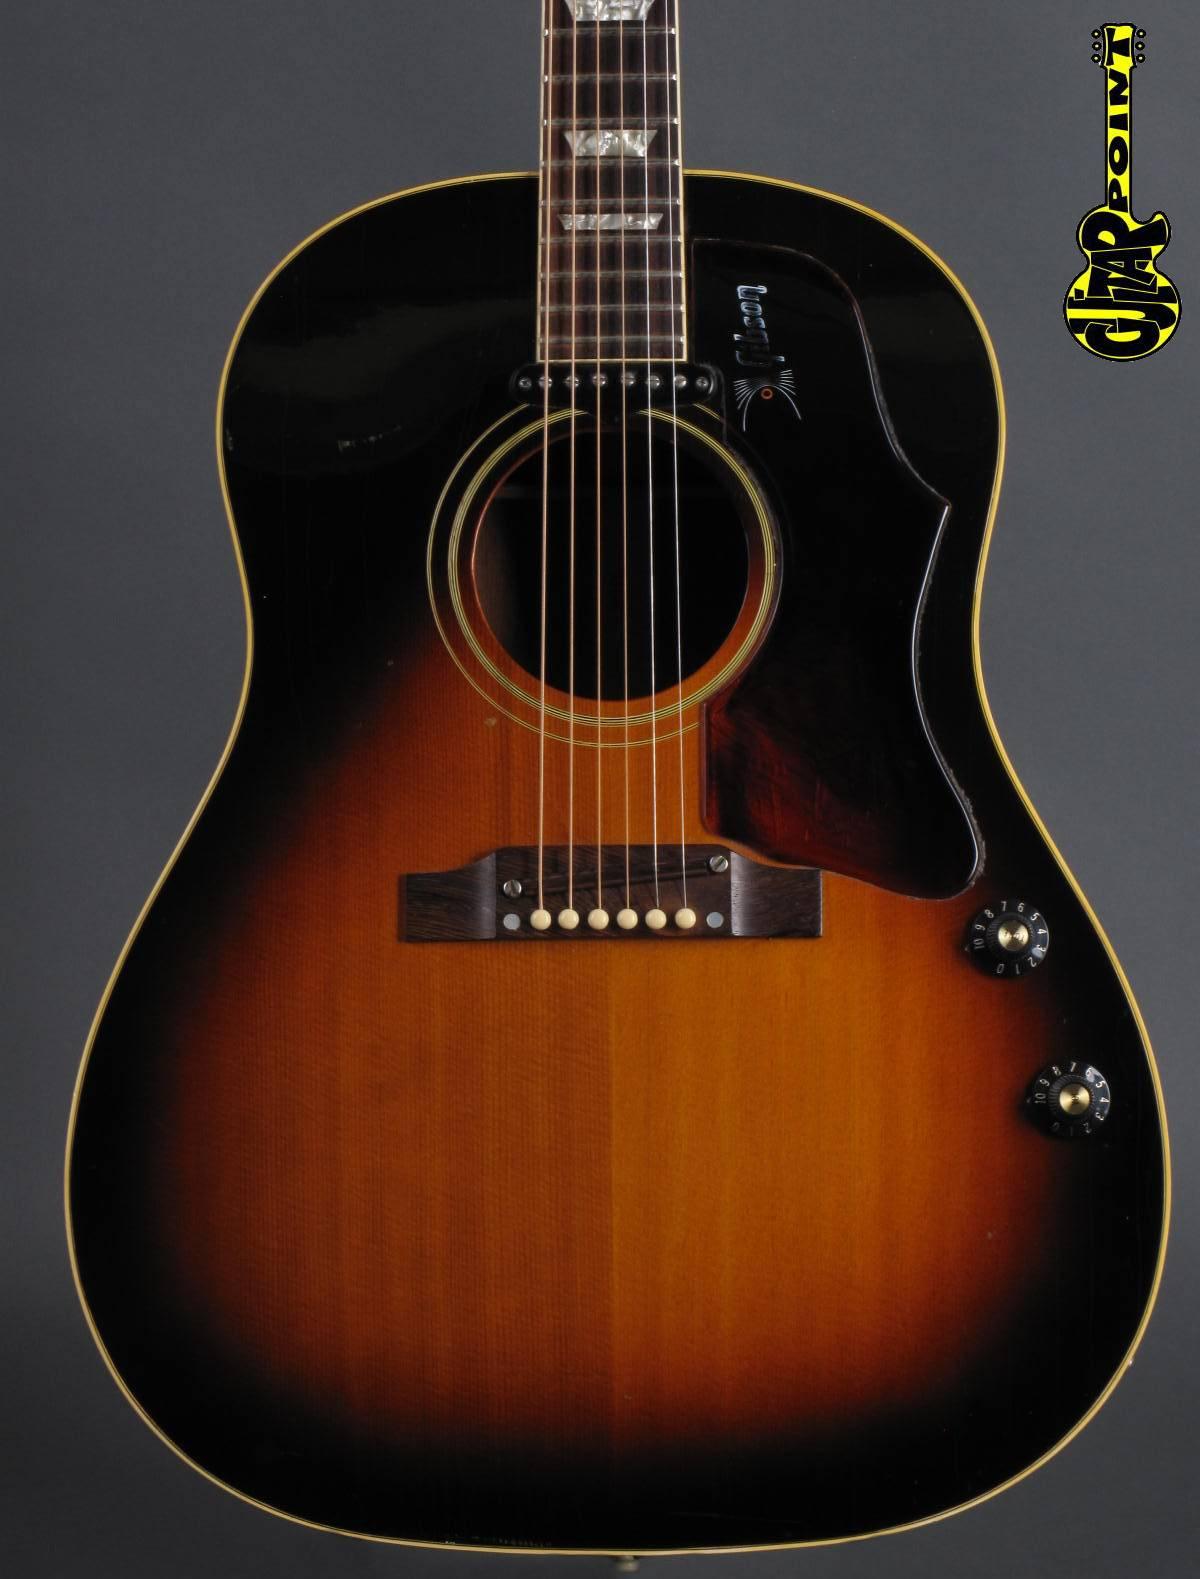 1968 Gibson J-160E - Sunburst